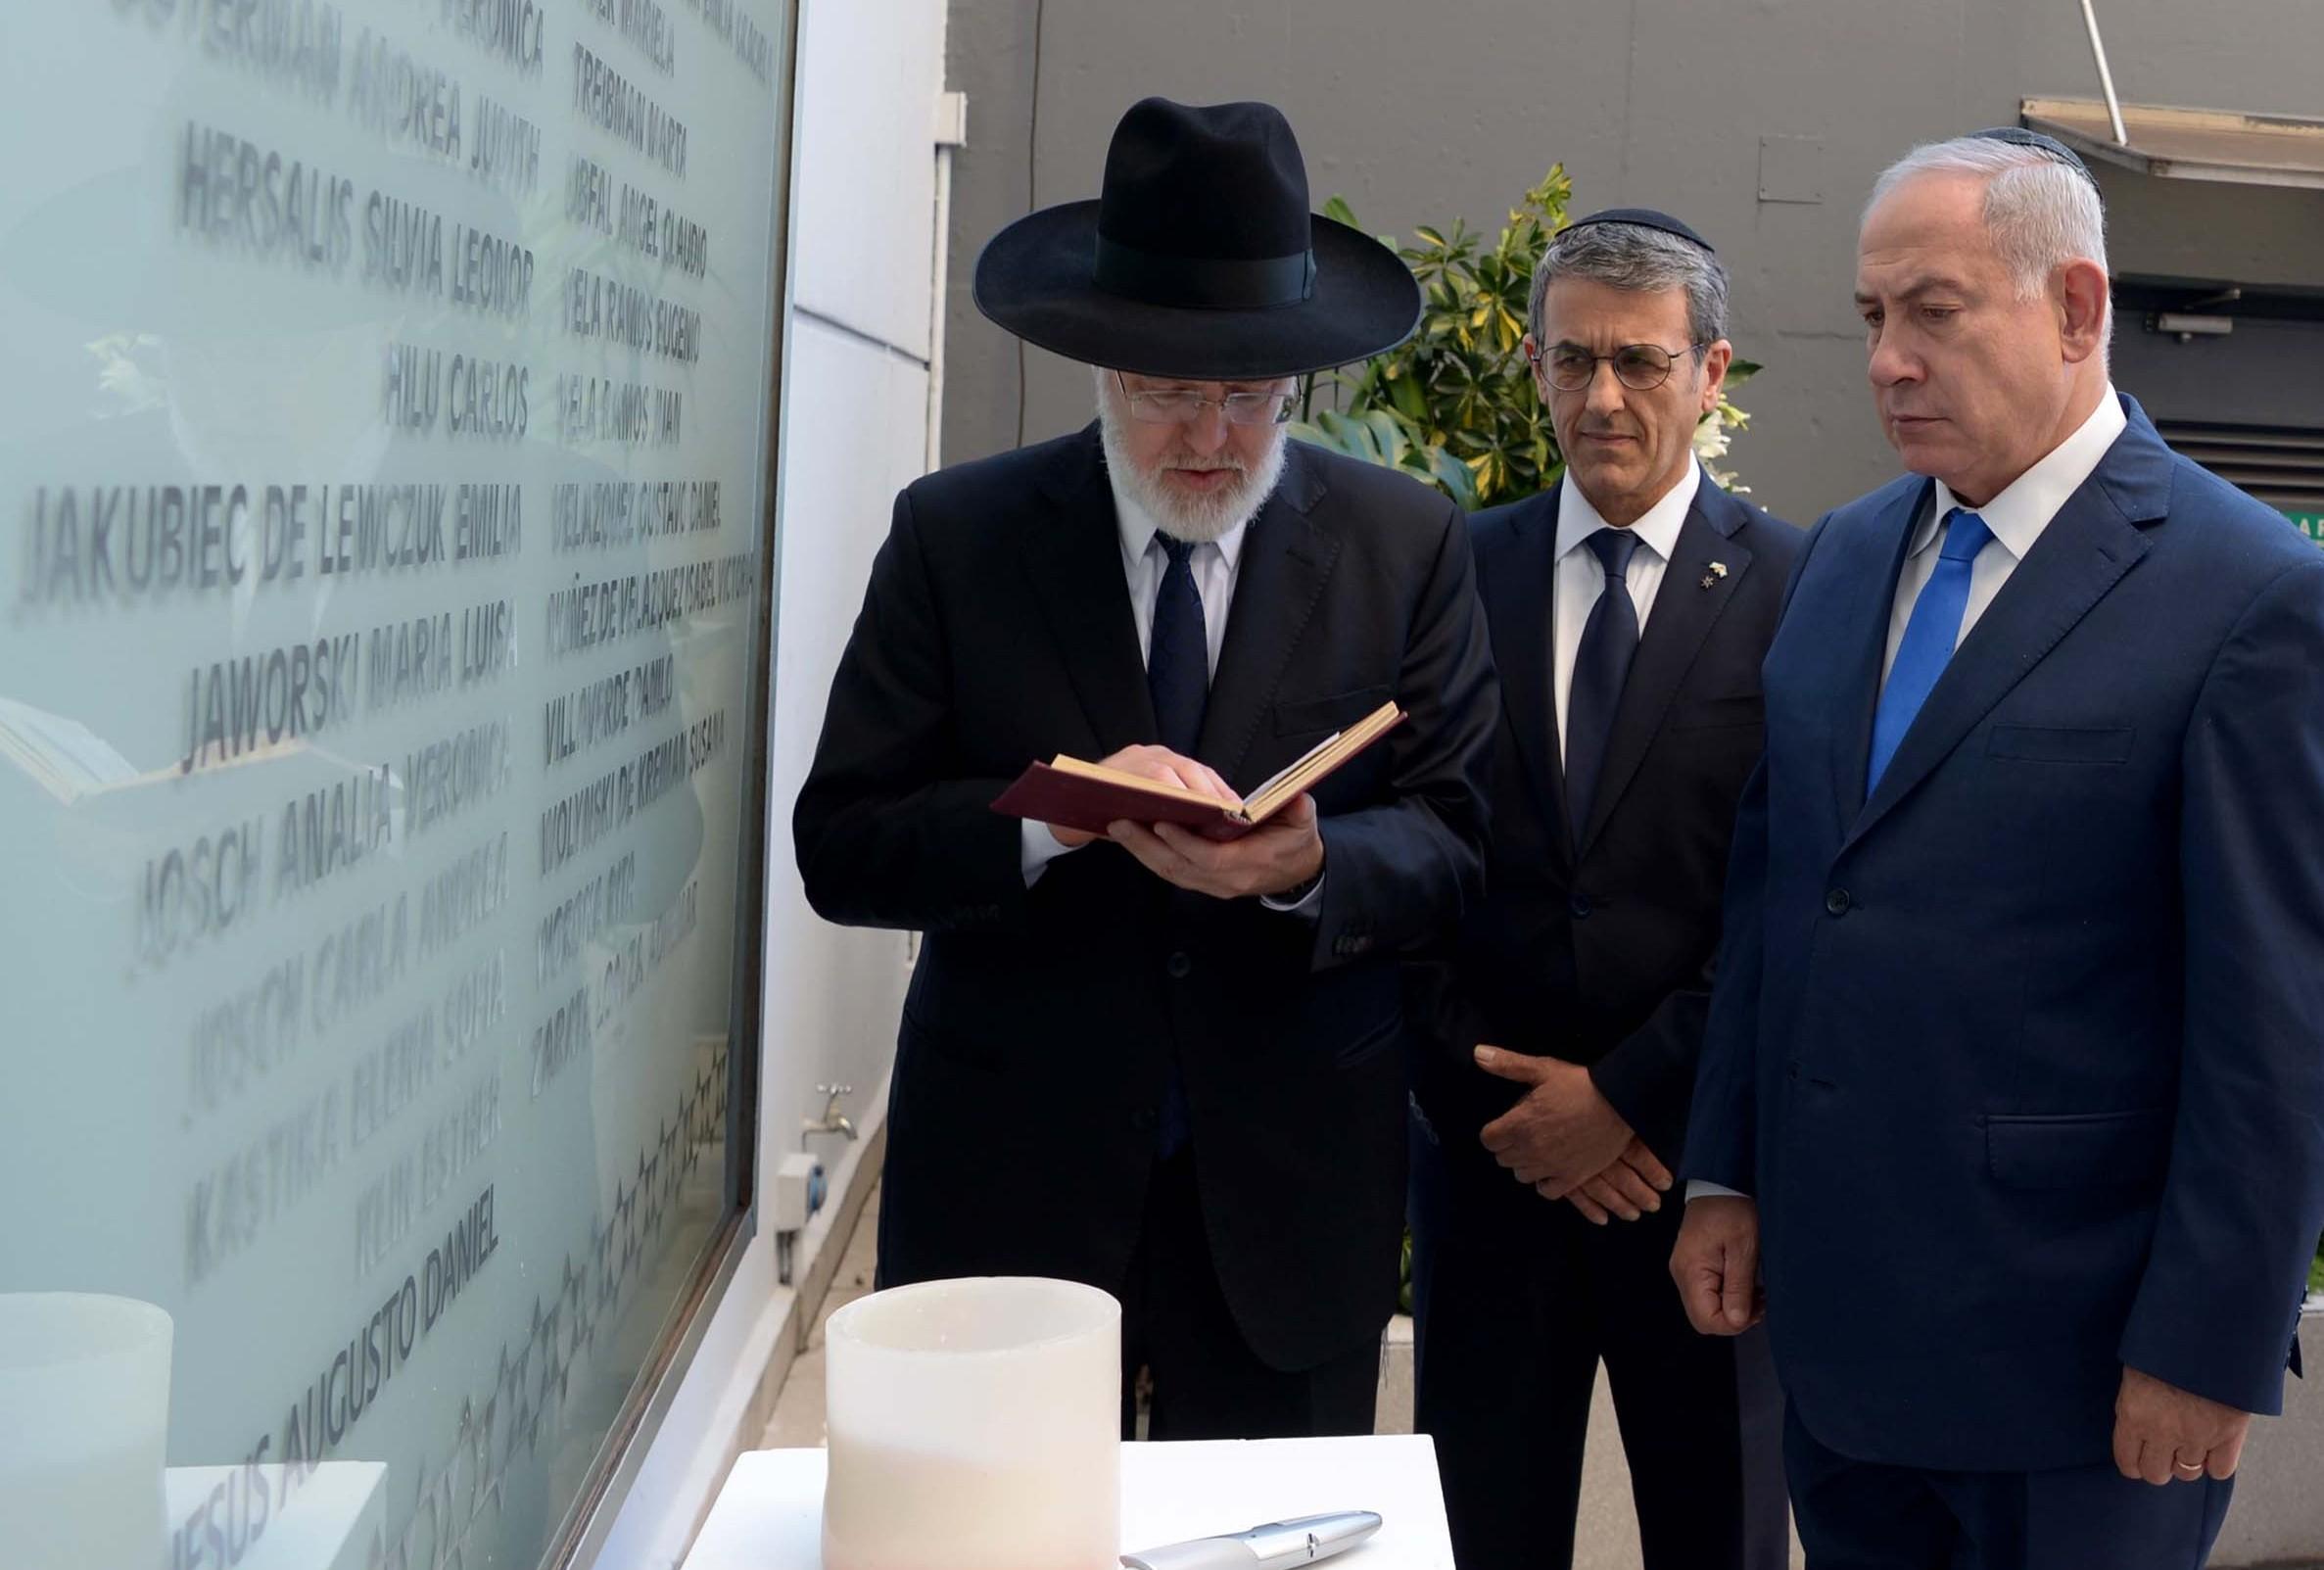 הרב דוידוביץ' לצד ראש המממשלה בביקור בארגנטינה